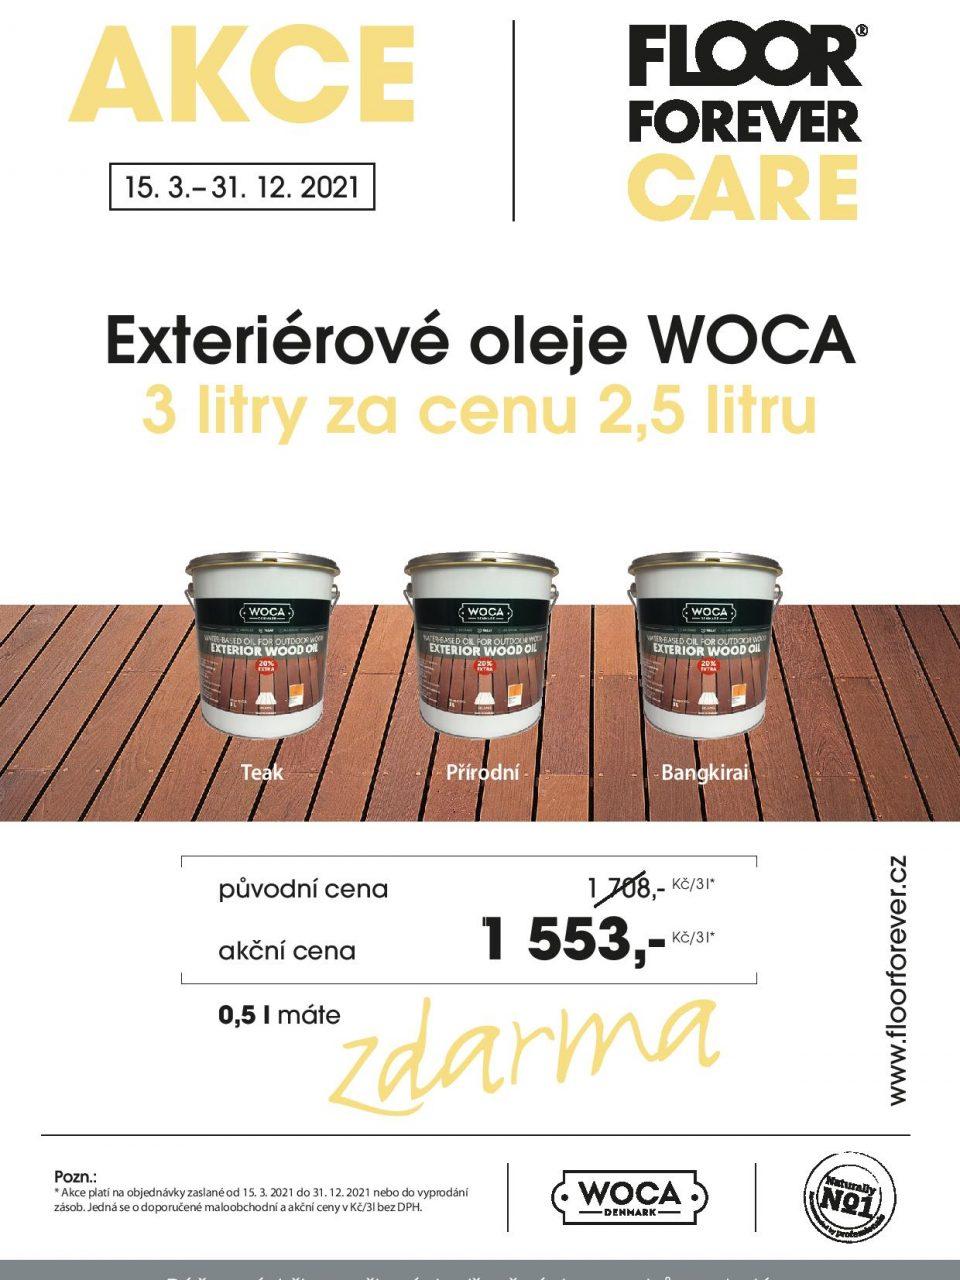 AKCE-na-Exteriérové-oleje-WOCA-přírodní-teak-a-bangkirai-15.3.-31.12.2021-page-001